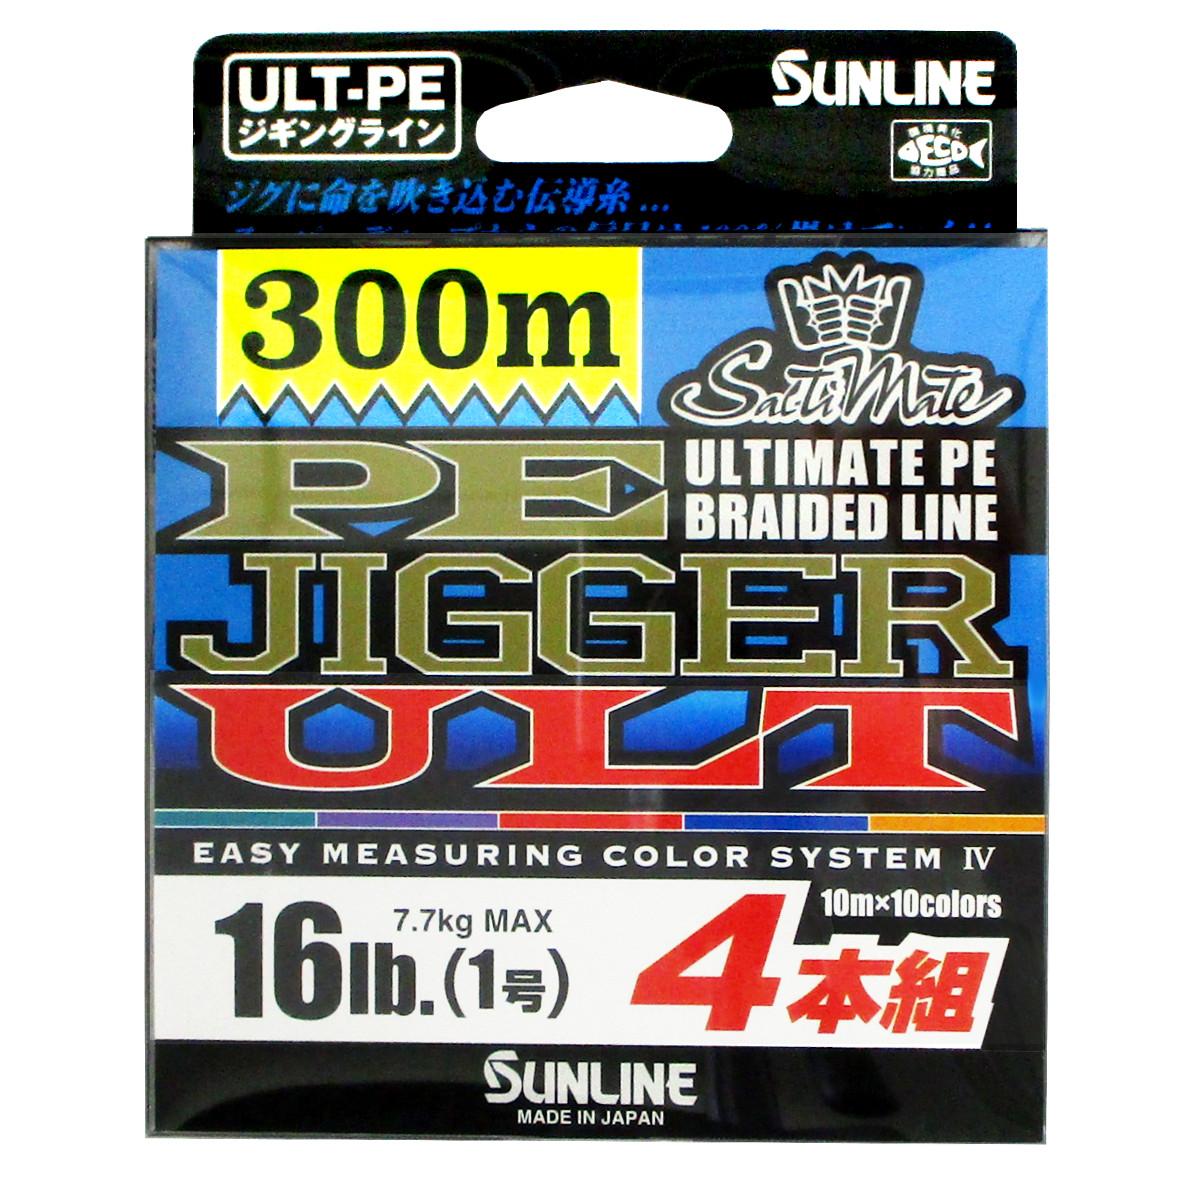 サンライン ソルティメイト PEジガーULT 4本組 300m 16lb【ゆうパケット】